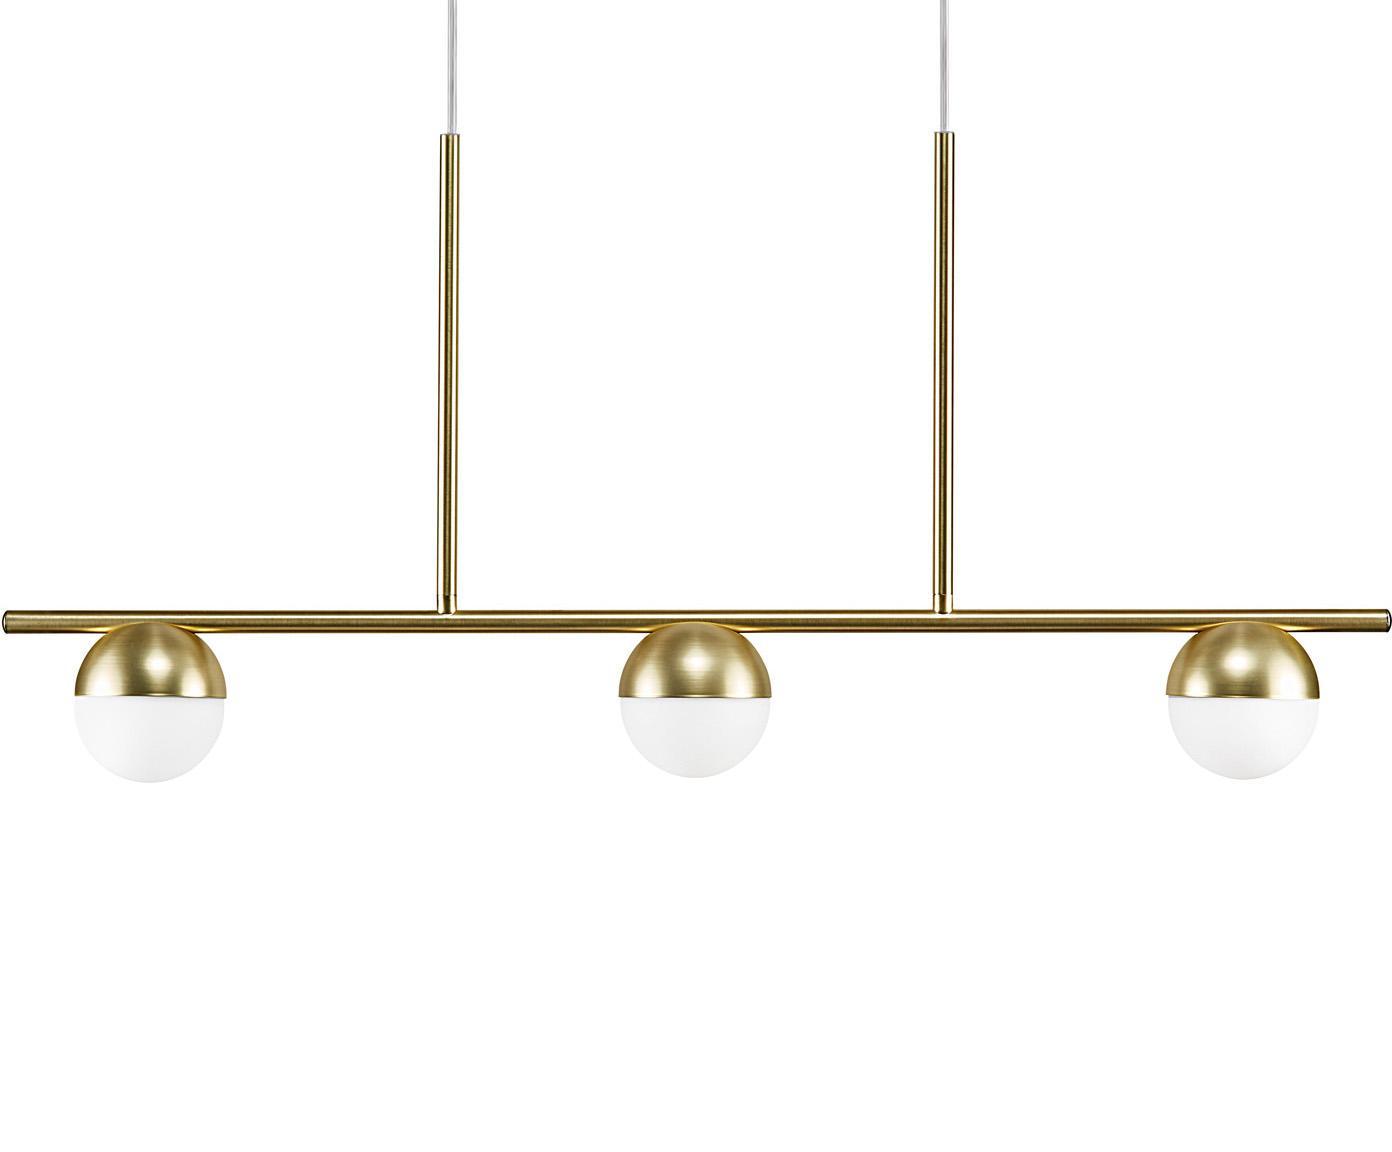 Lámpara de techo grande Contina, Pantalla: vidrio, Estructura: metal recubierto, Anclaje: metal recubierto, Cable: cubierto en tela, Blanco, latón, L 90 x Al 242 cm